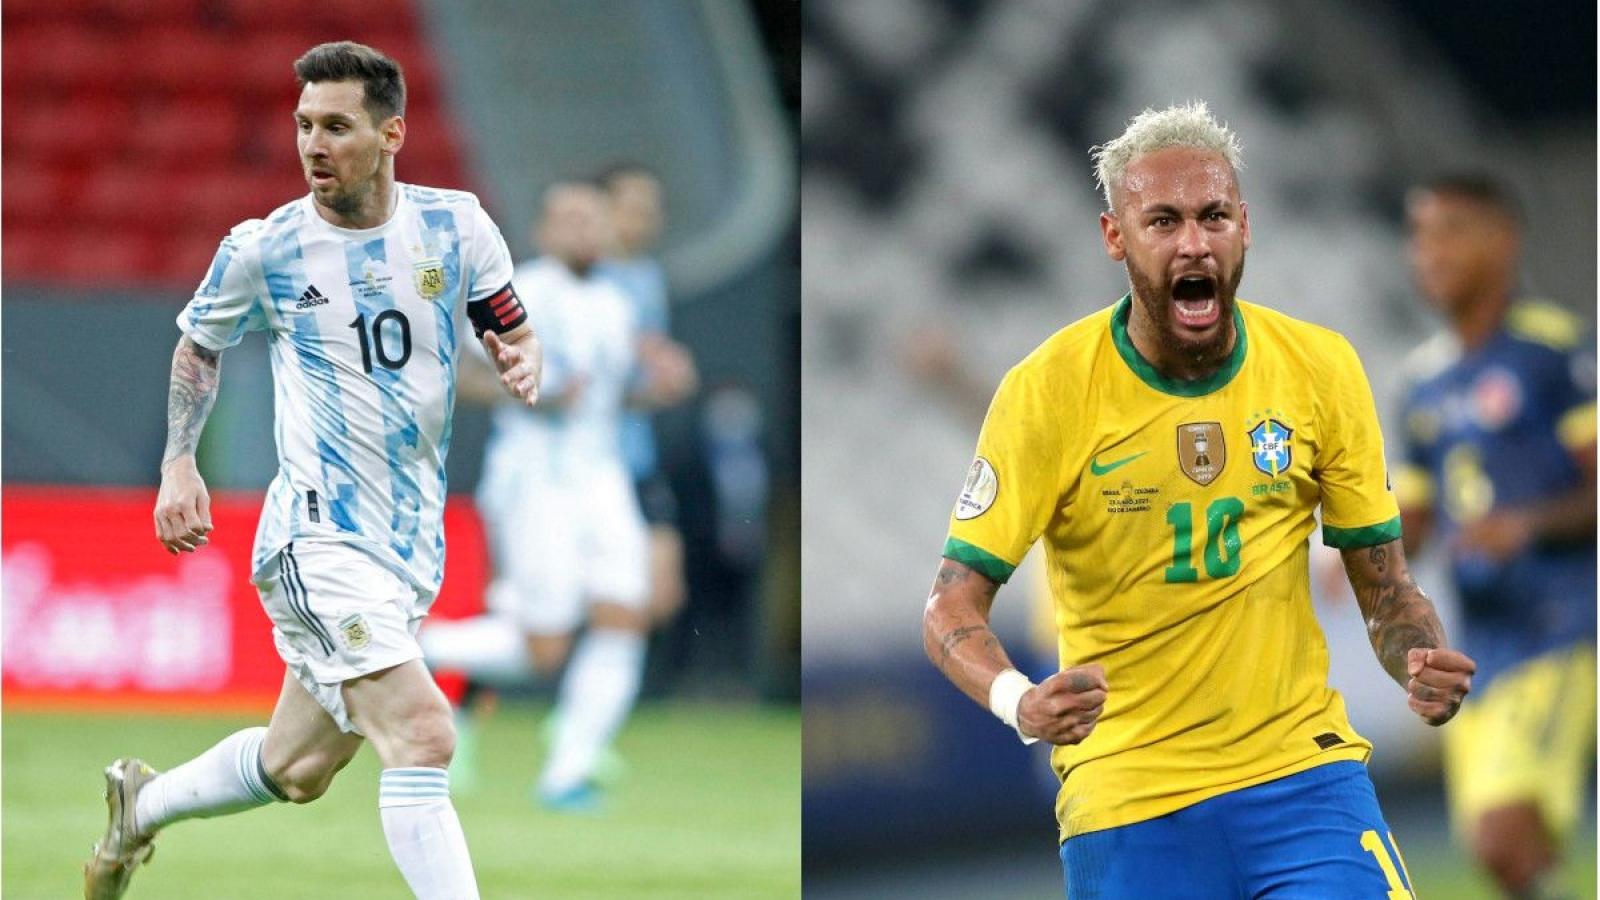 Hành trình vào chung kết Copa America 2021 của Argentina và Brazil